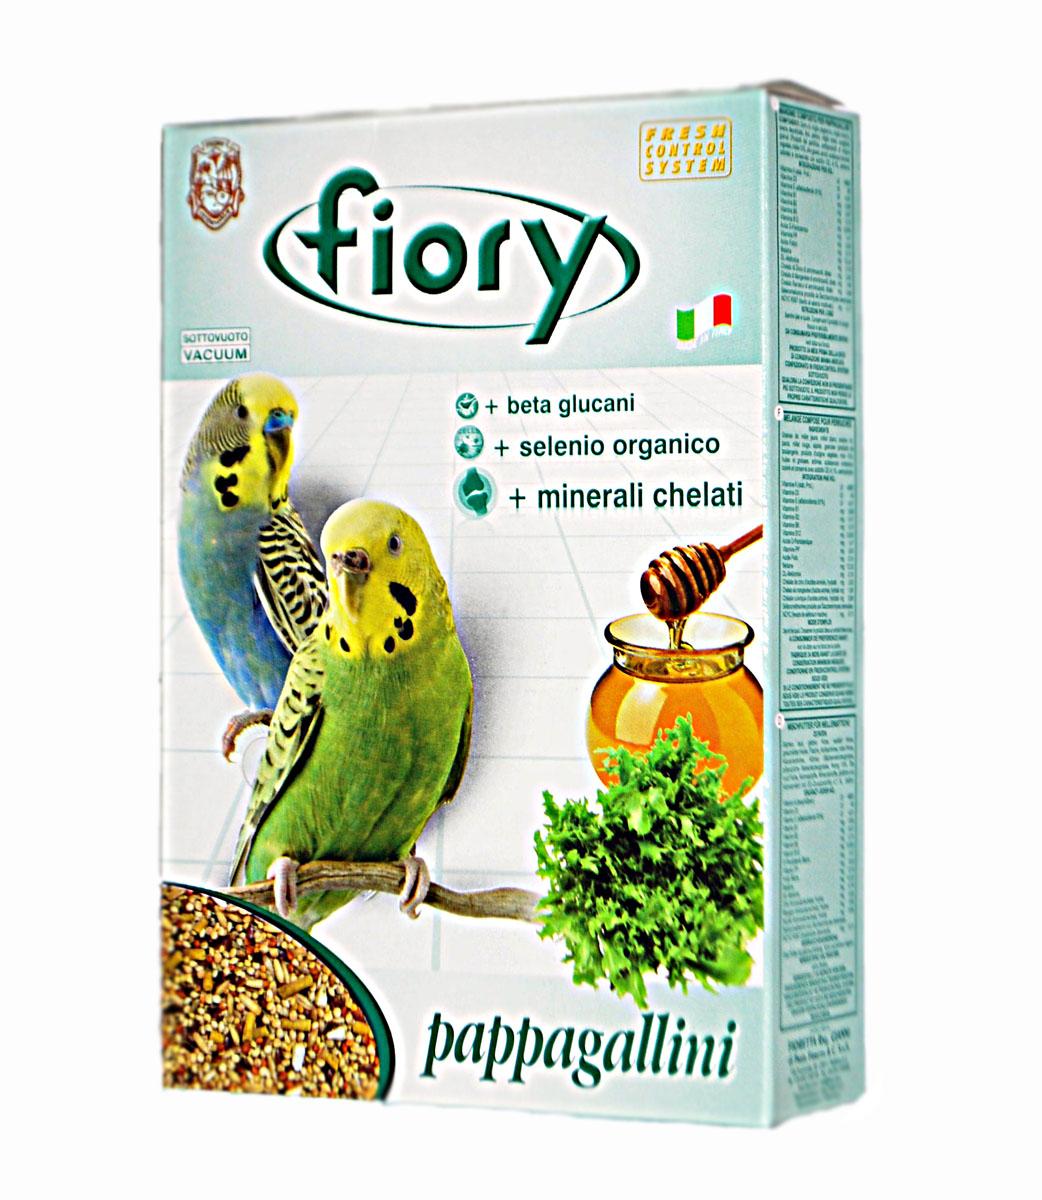 Корм для волнистых попугаев Fiory Pappagallini, 400 г6019Смесь для попугаев Fiory Pappagallini содержит девять видов семян, обеспечивающих сбалансированный и разнообразный рацион для волнистых попугайчиков.Кроме обычных, общеизвестных семян, мы также использовали очень редкие семена сафлора.Сафлор дает довольно маслянистые семена, которые в Азии употребляют в пищу. Семена облегчают запоры, а также улучшаю пигментацию.Данная смесь, наряду с другими продуктами Fiory, также была обогащена медом и растительными гранулами. Удобная и практичная упаковка смеси позволит дольше радовать свою птичку вкусным и ароматным кормом.Смесь питательная, обогащена полезными веществами, которые позволяют поддерживать здоровье организма птицы.Масса: 400 г. Ингредиенты: желтое, белое и красное просо, очищенный овес, просо обыкновенное, канареечник, мед 10%, овощи 4,1%, масла, натуральные консерванты, (содержащиеся антиоксиданты одобрены Советом Европы), сафлор.Товар сертифицирован.